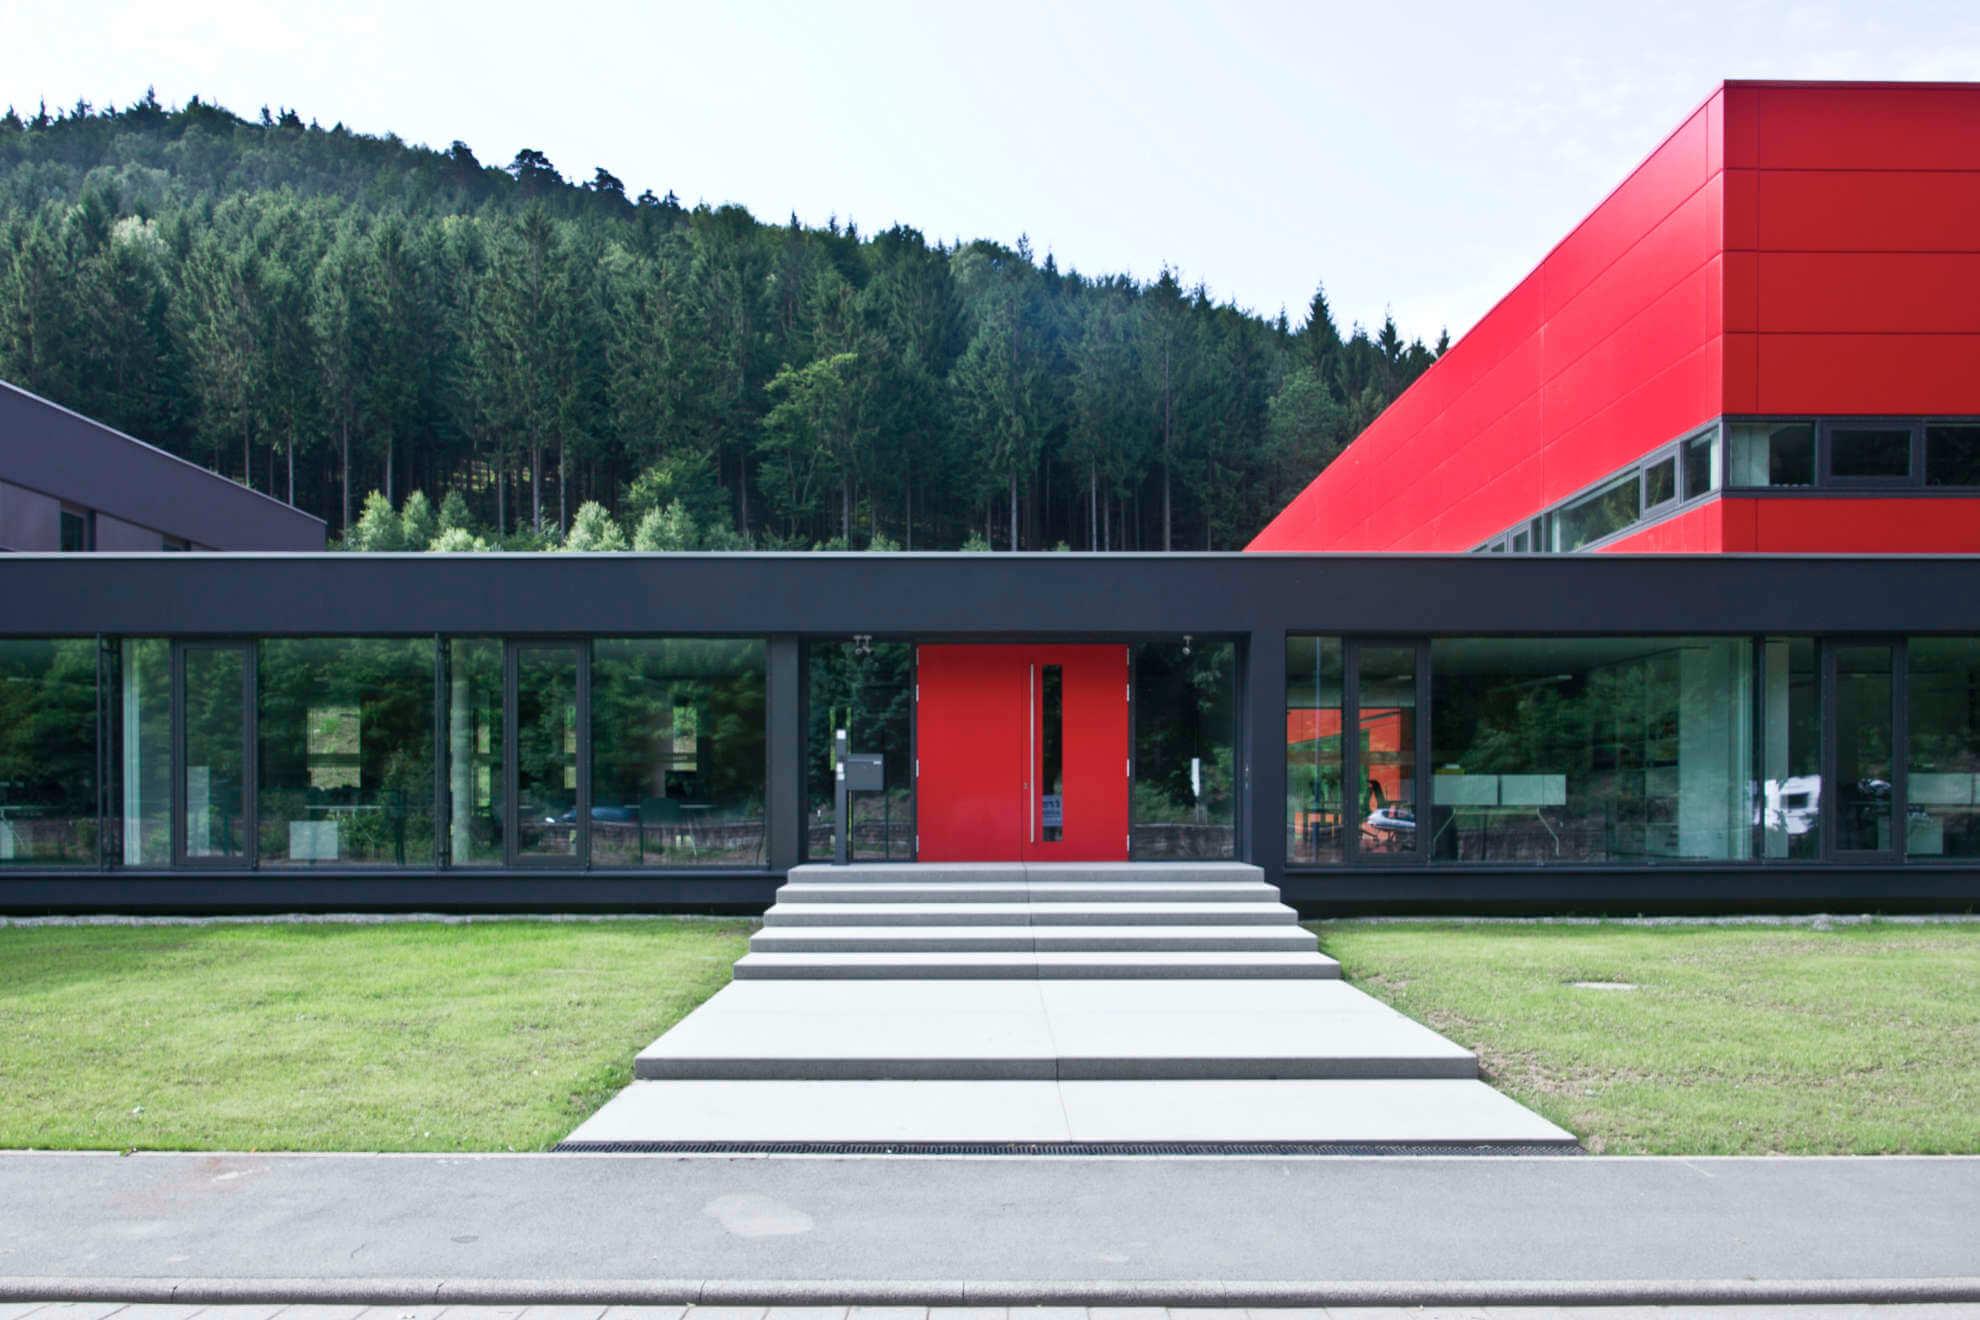 smz-a-09-marcbetz architekten